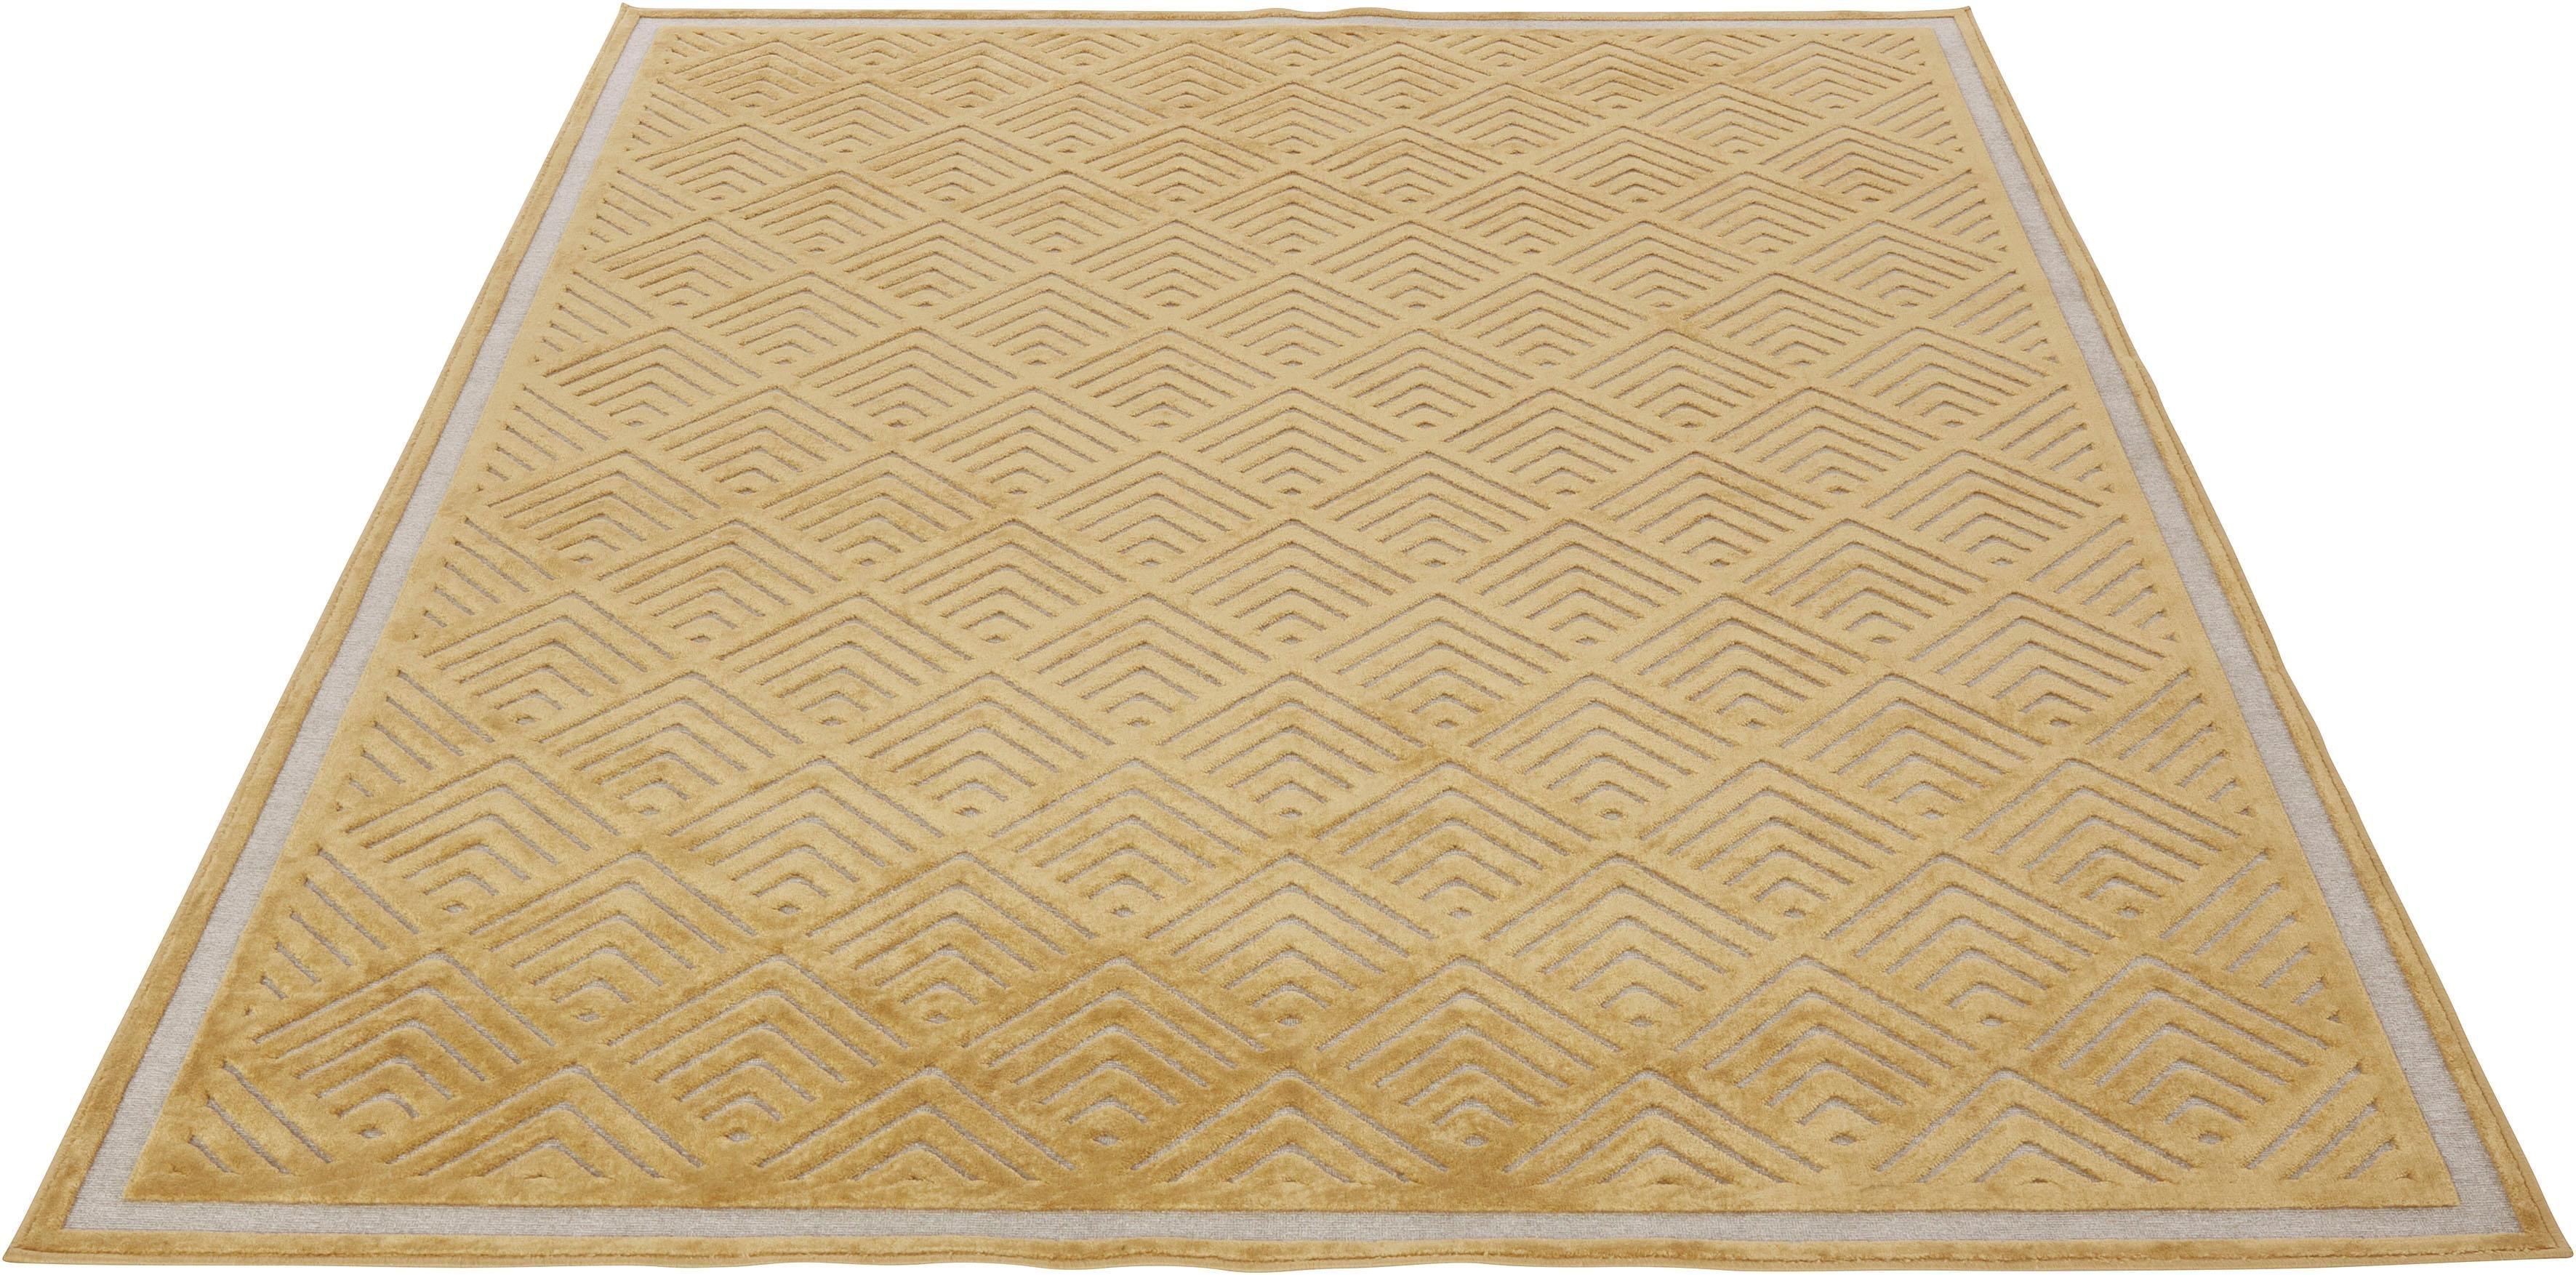 Teppich Liam Guido Maria Kretschmer Home&Living rechteckig Höhe 4 mm maschinell getuftet